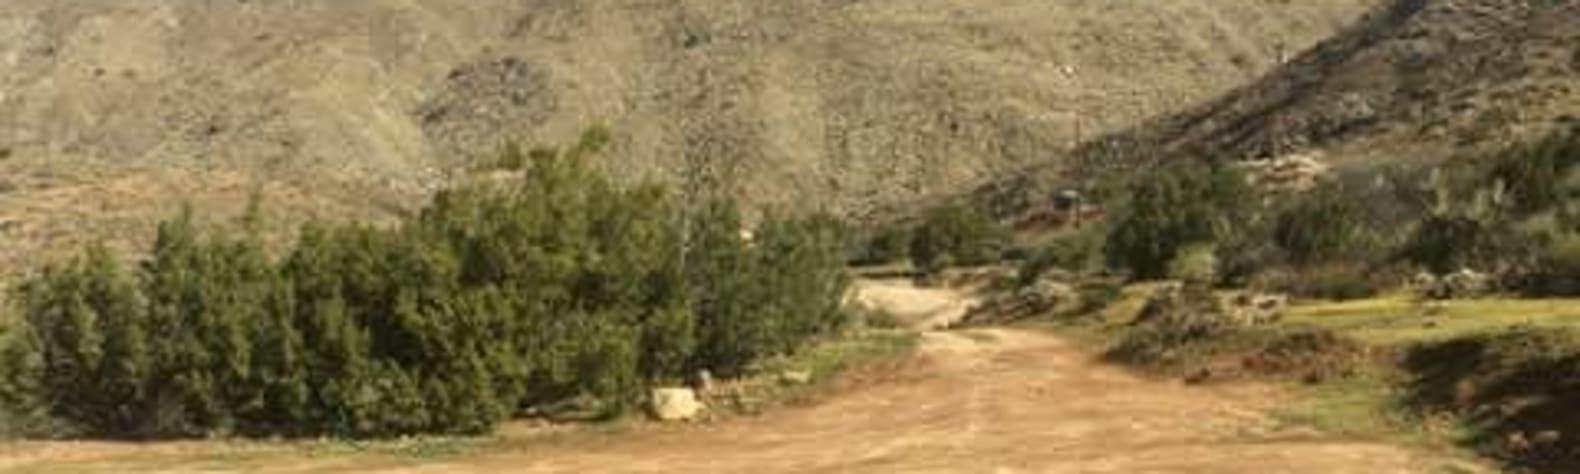 Desert Escape Morongo